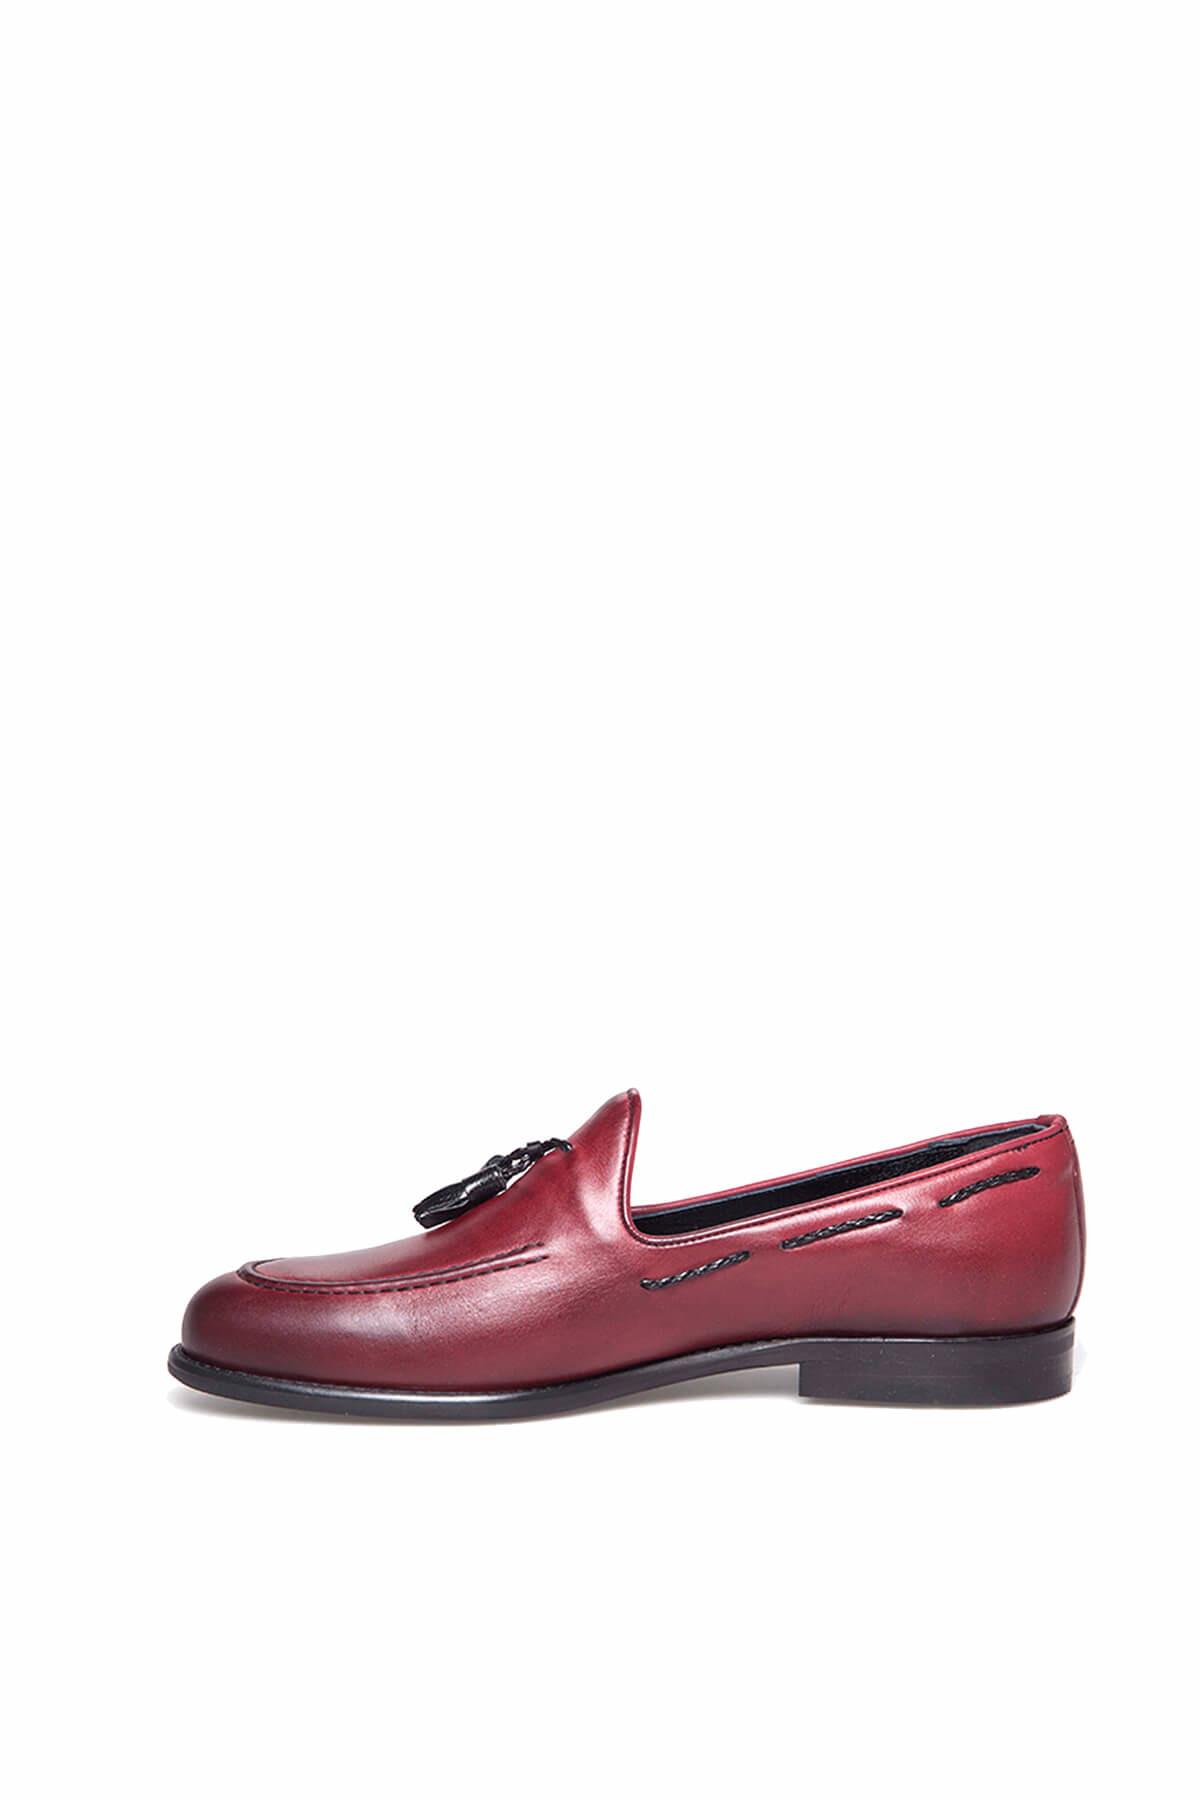 TETRİ Bordo Erkek Ayakkabı 3S811886120 2